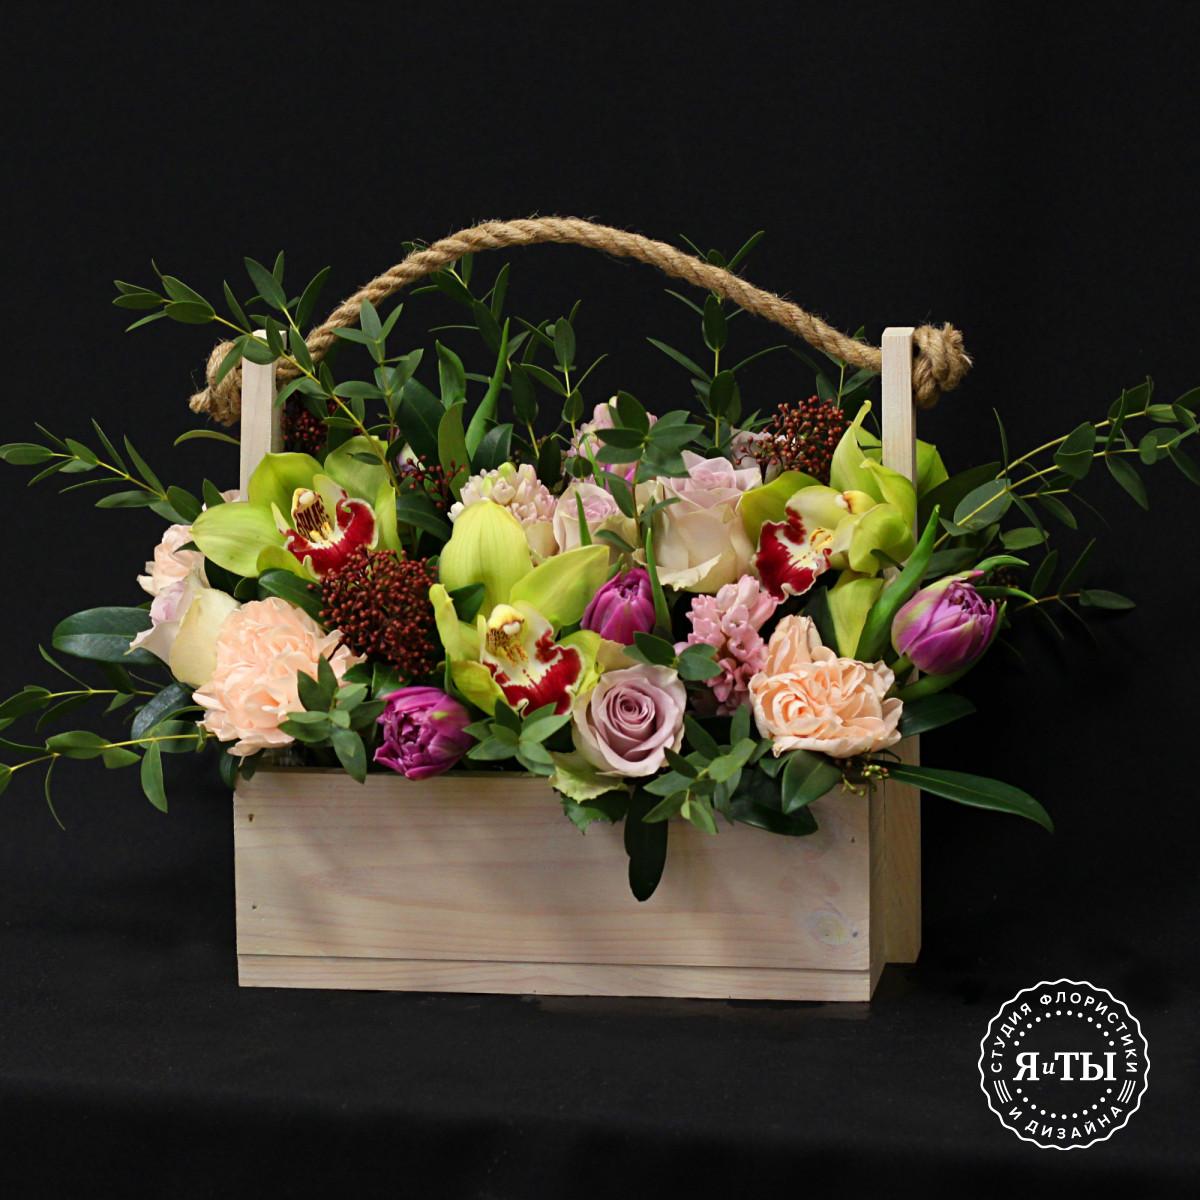 Нежная композиция с тюльпанами и гиацинтами